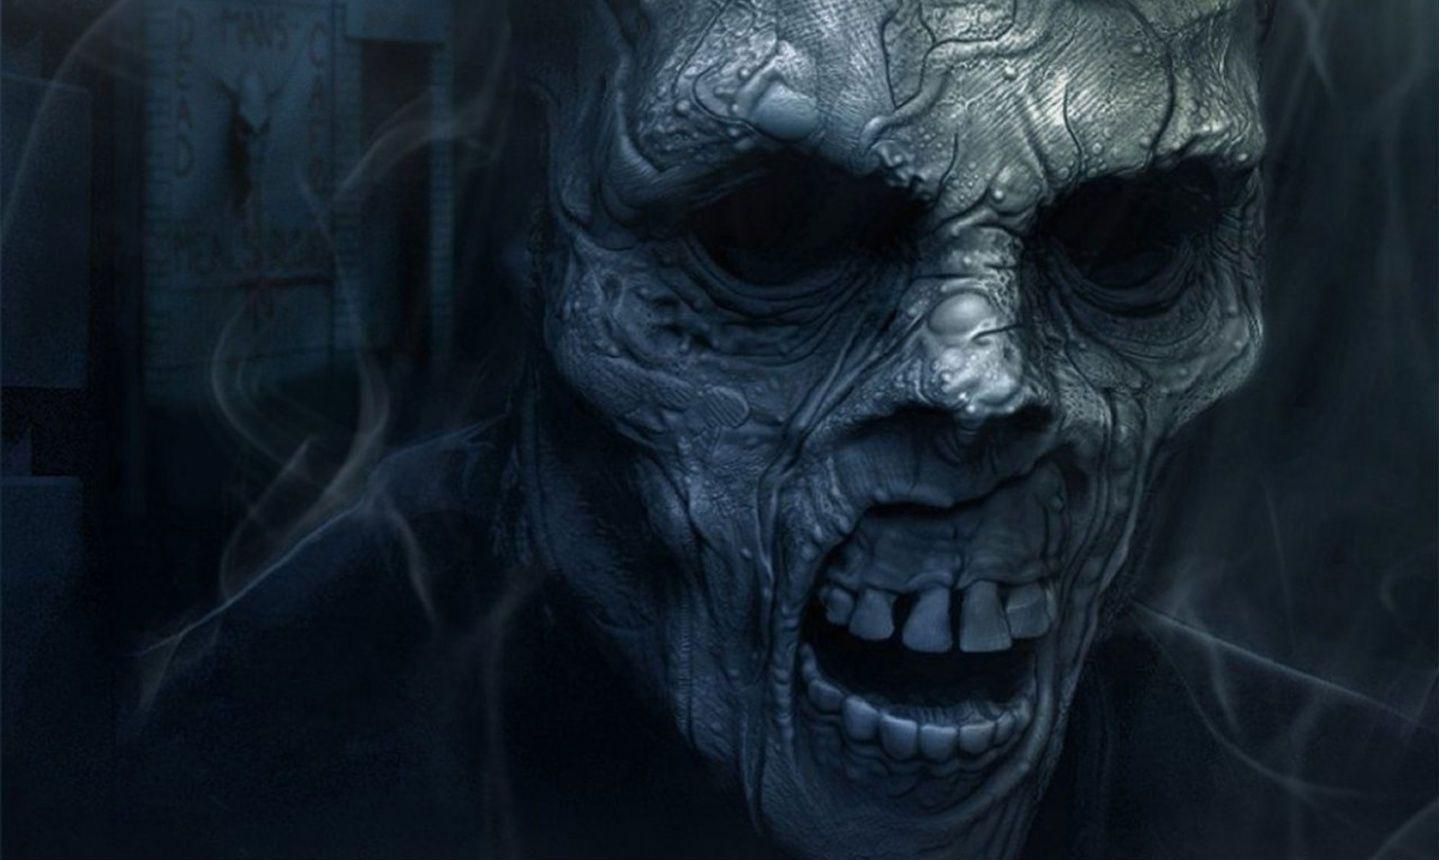 Hd wallpaper evil - Explore Zombie Wallpaper Hd Wallpaper And More